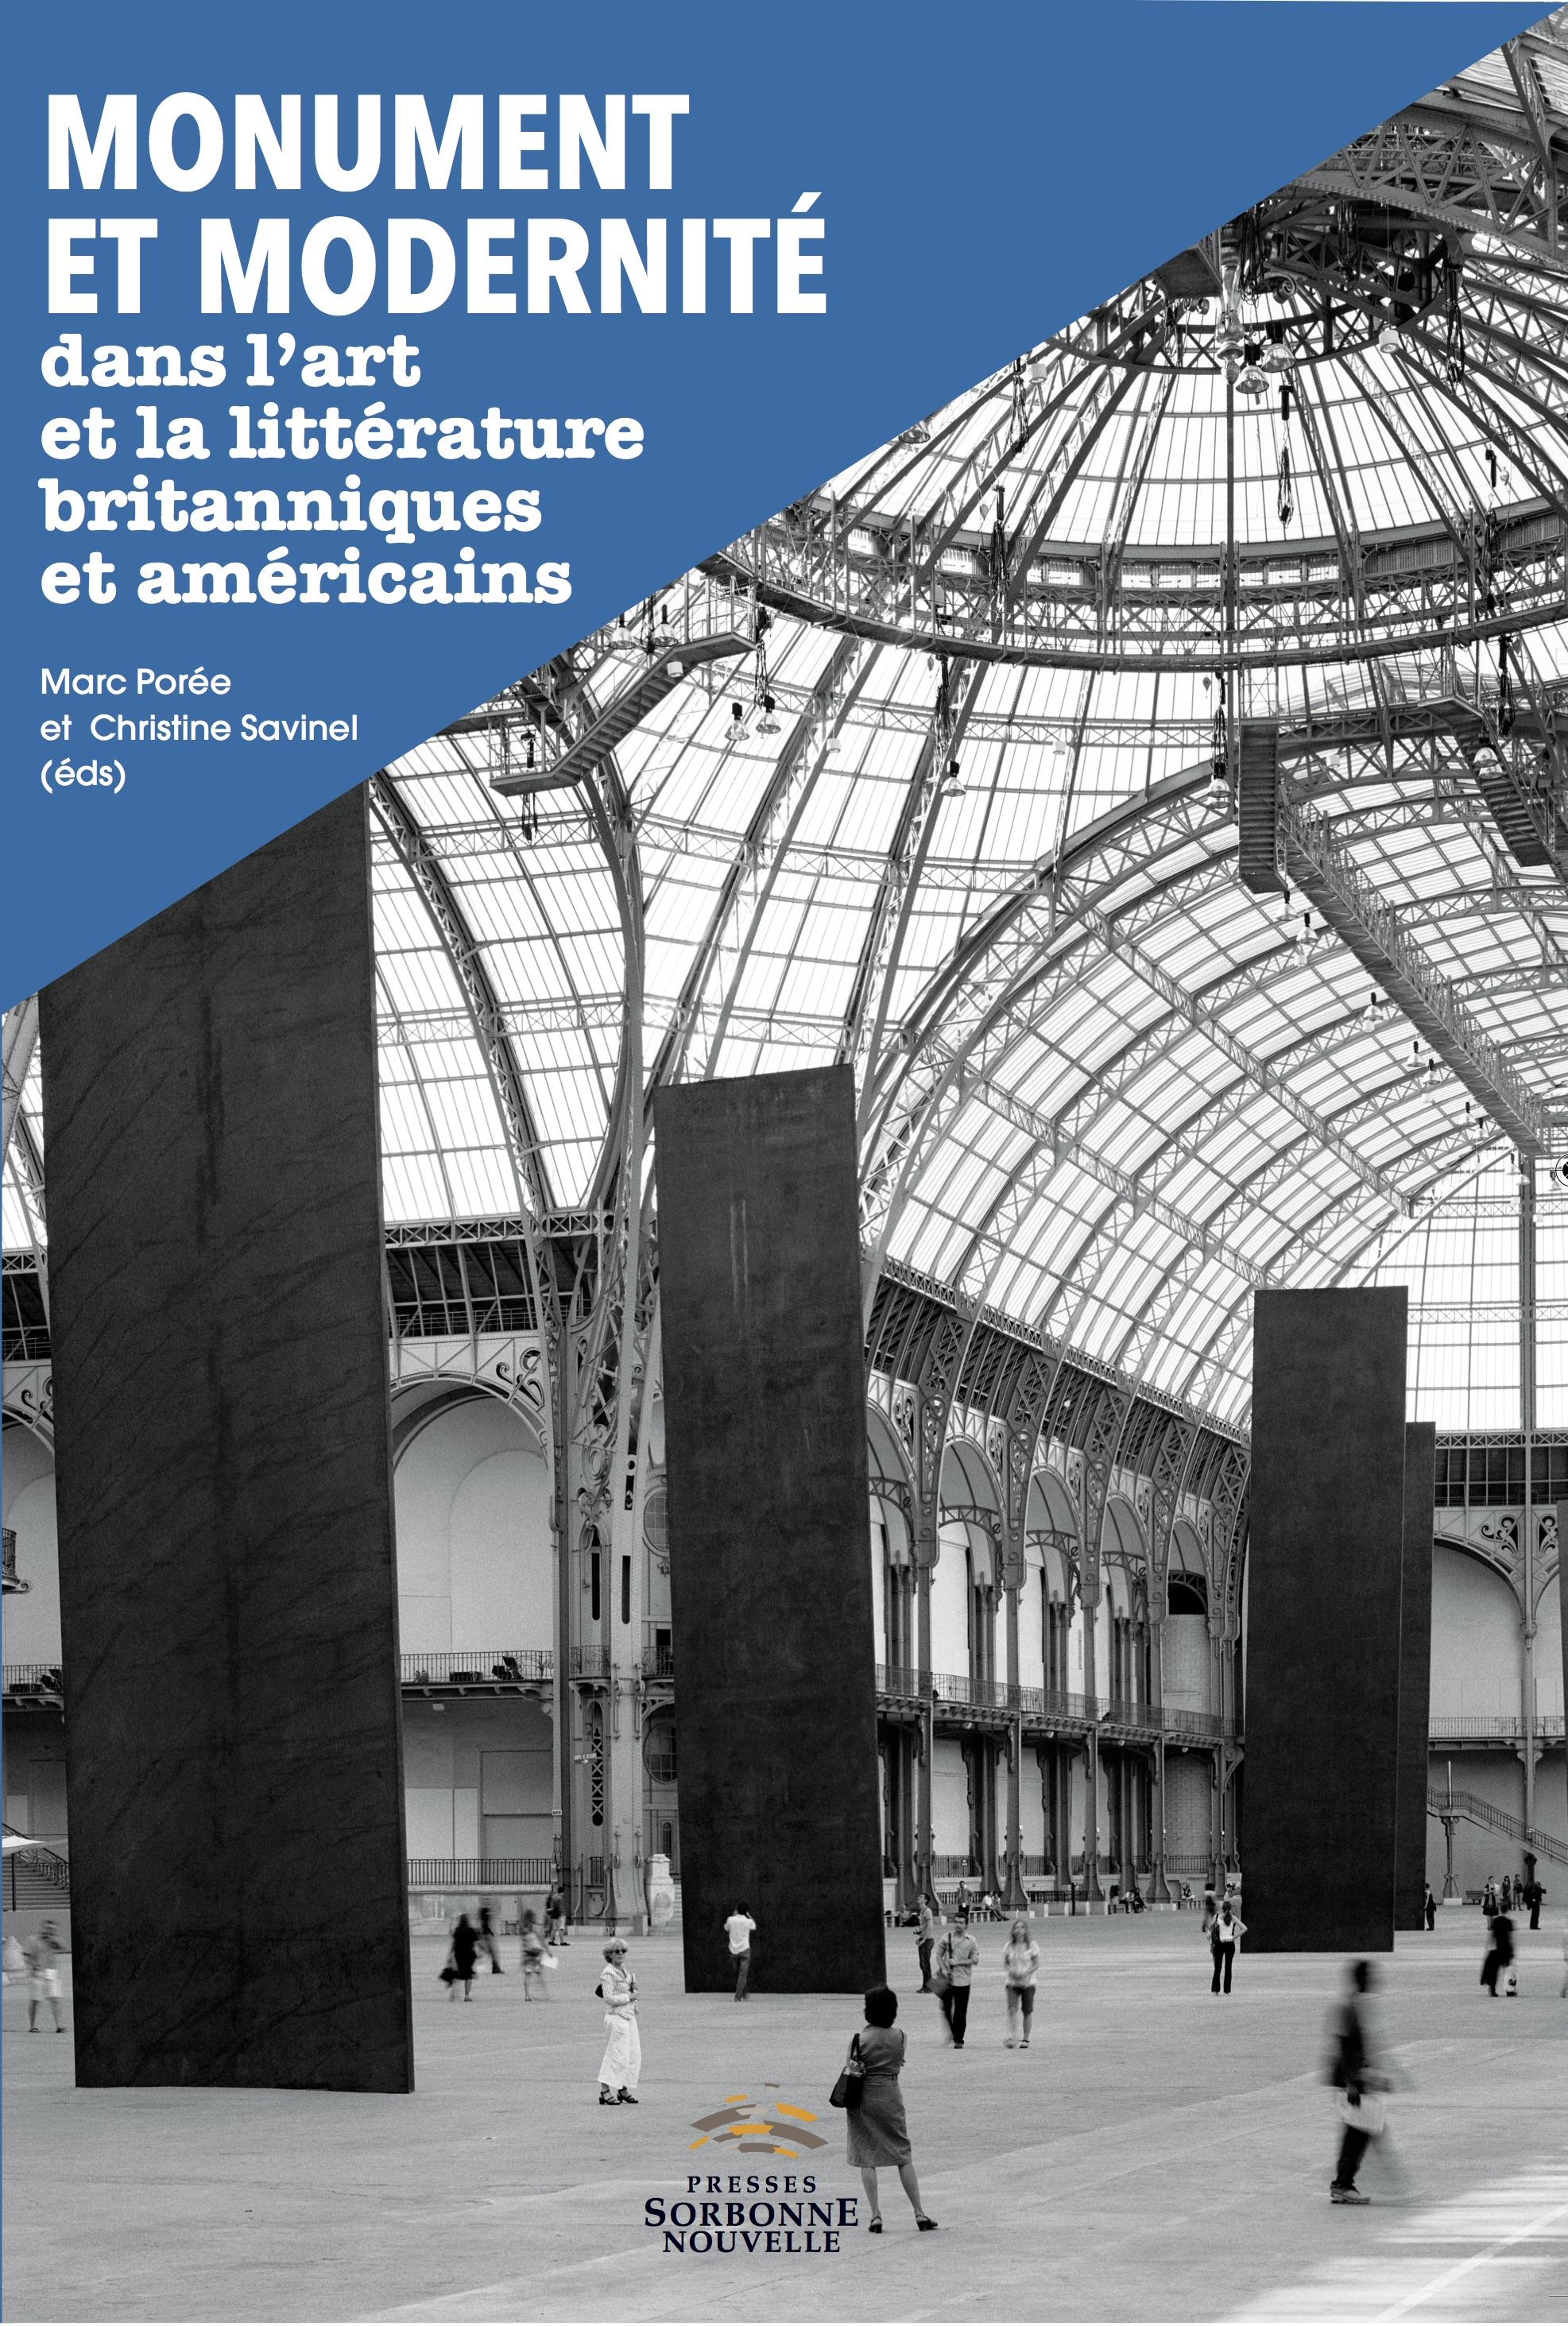 C. Lanone et alii (dir.), Monument et Modernité dans l'art et la littérature britanniques et américains